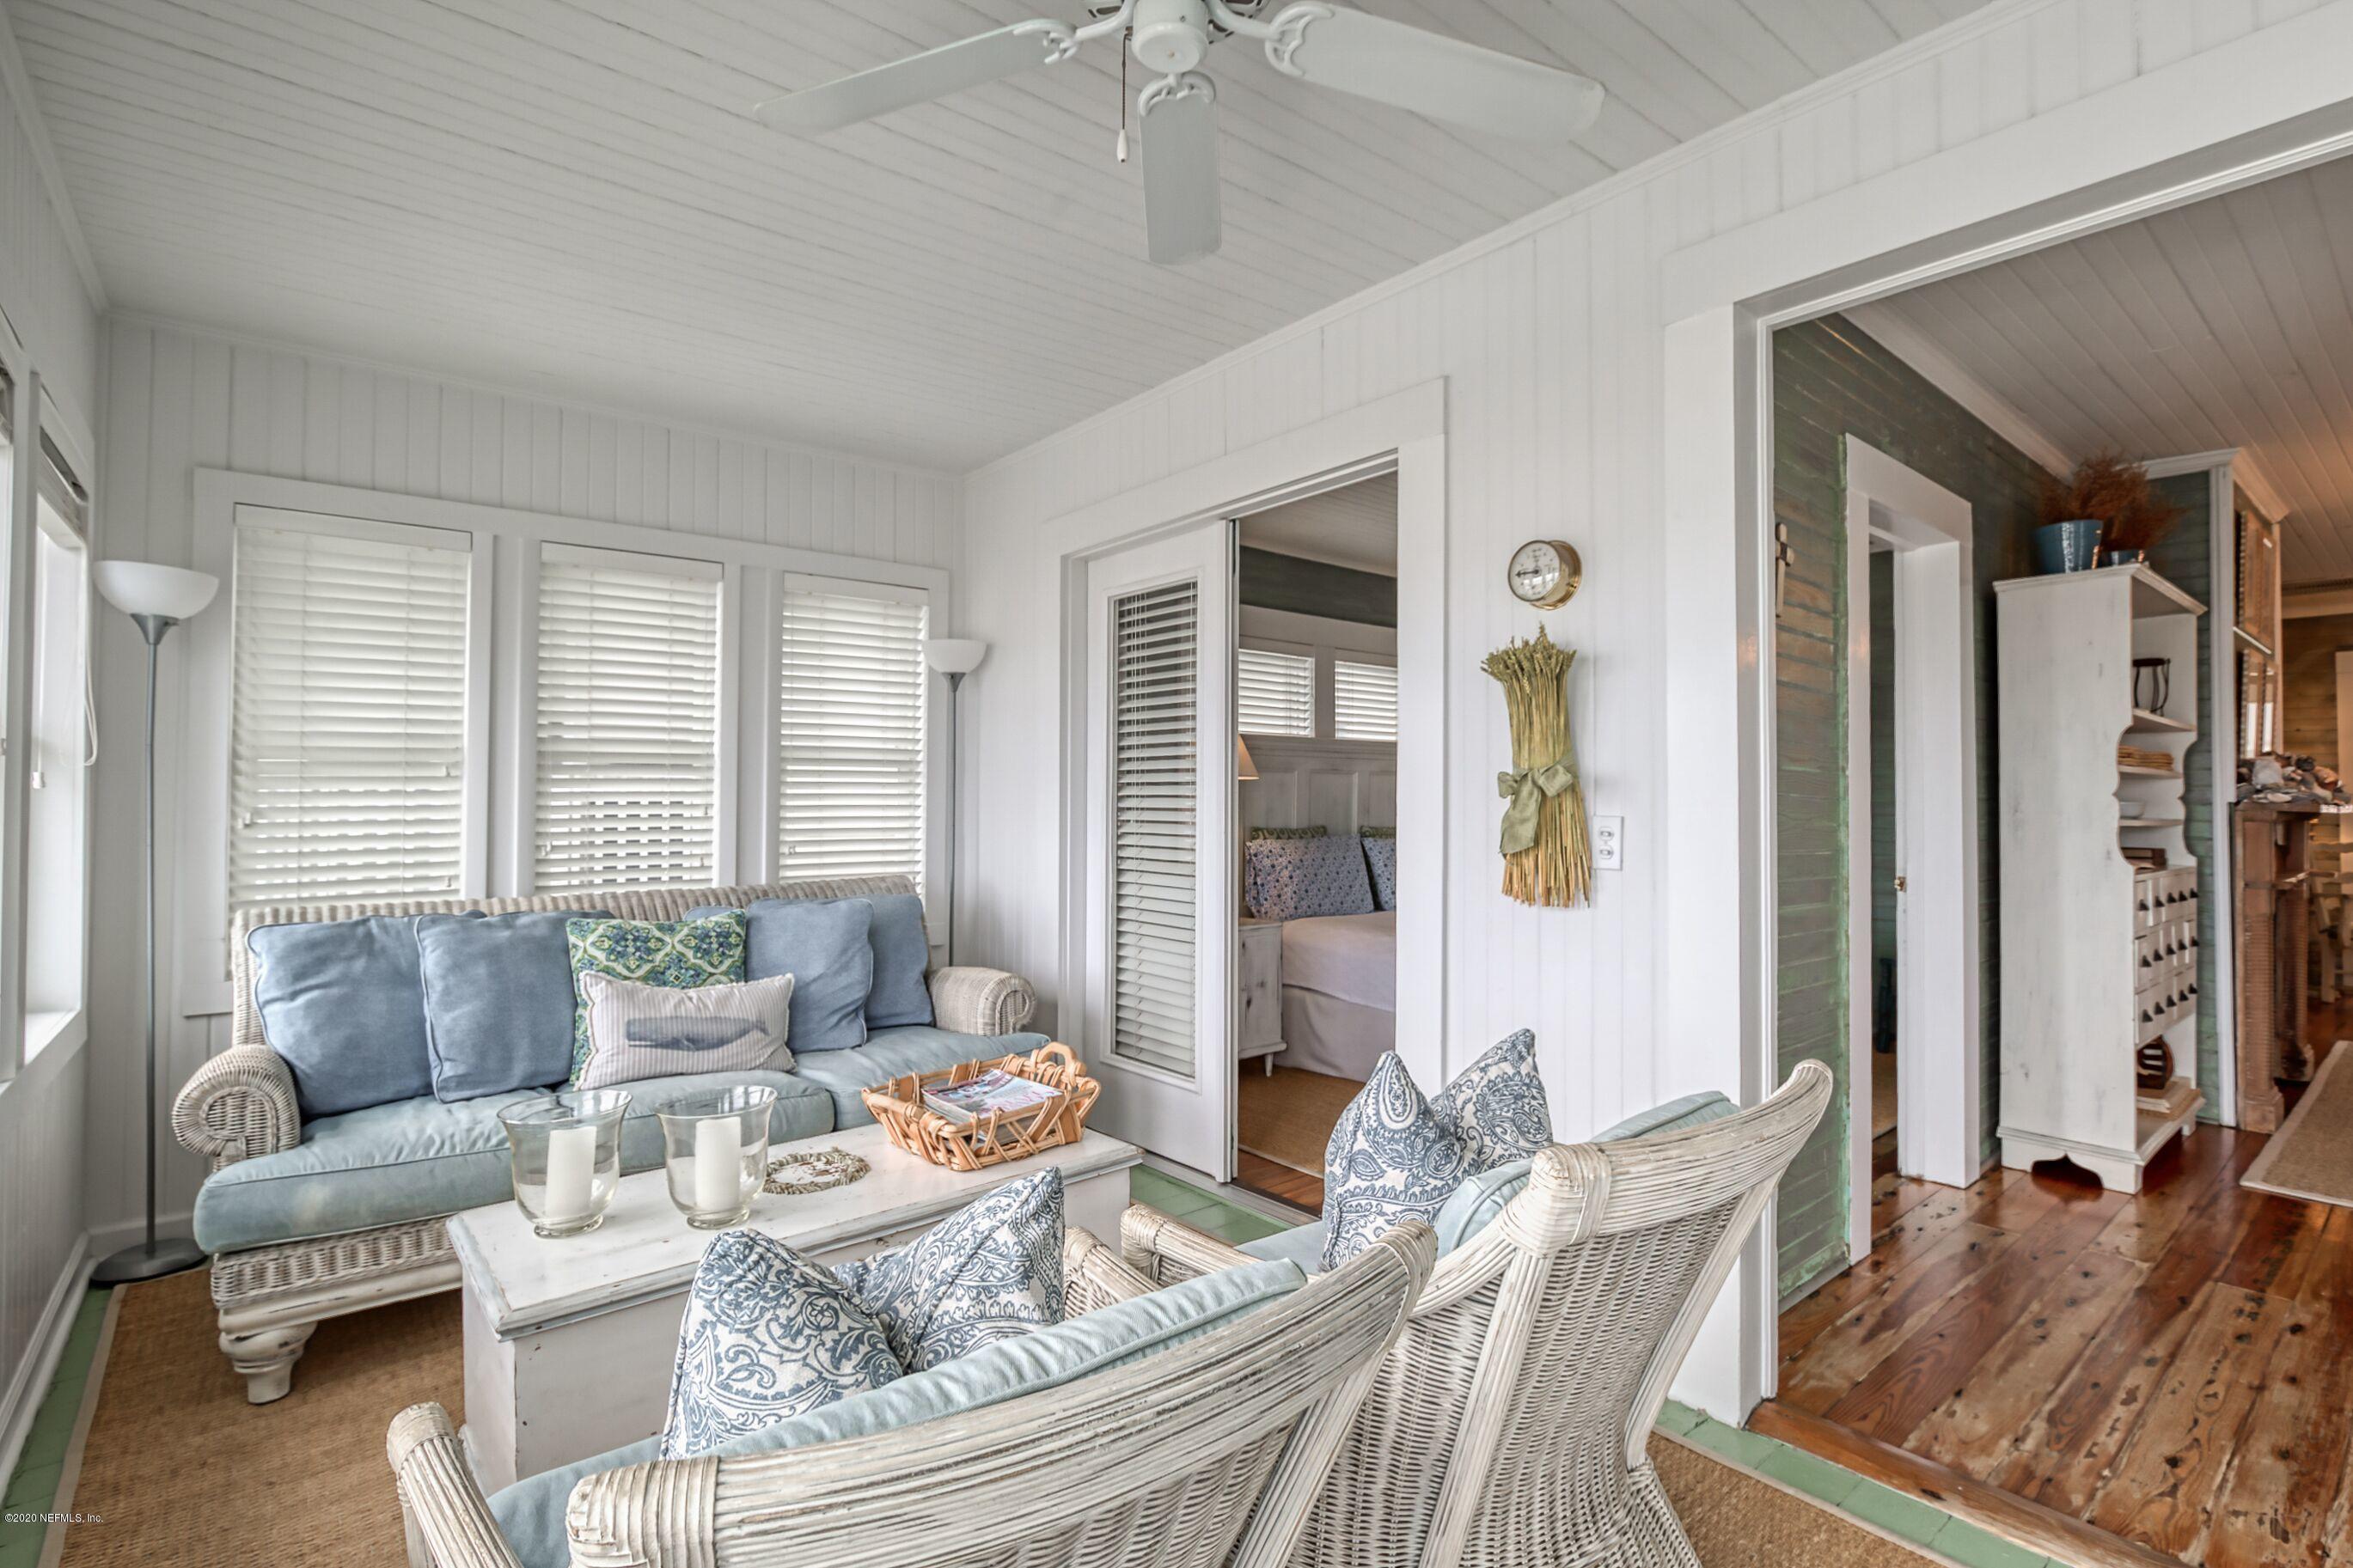 248 FLETCHER, FERNANDINA BEACH, FLORIDA 32034, 3 Bedrooms Bedrooms, ,1 BathroomBathrooms,Residential,For sale,FLETCHER,1047262